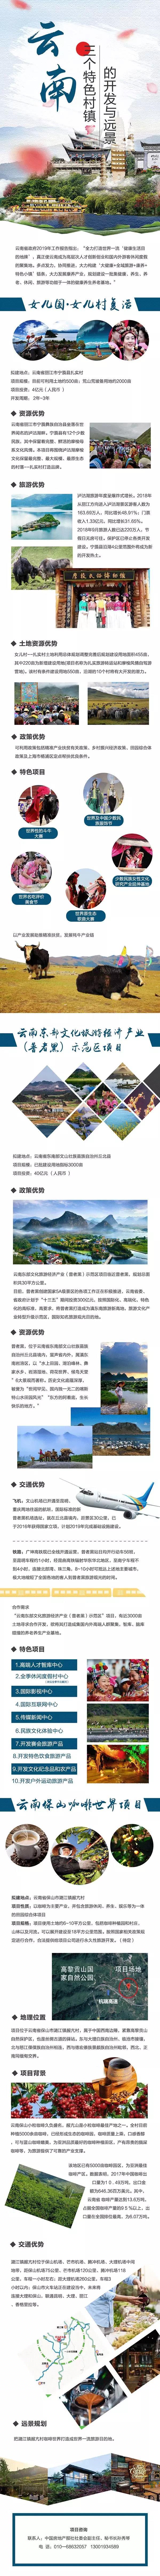 小镇云南 在保山,品味西南文化里的咖啡味道.jpg